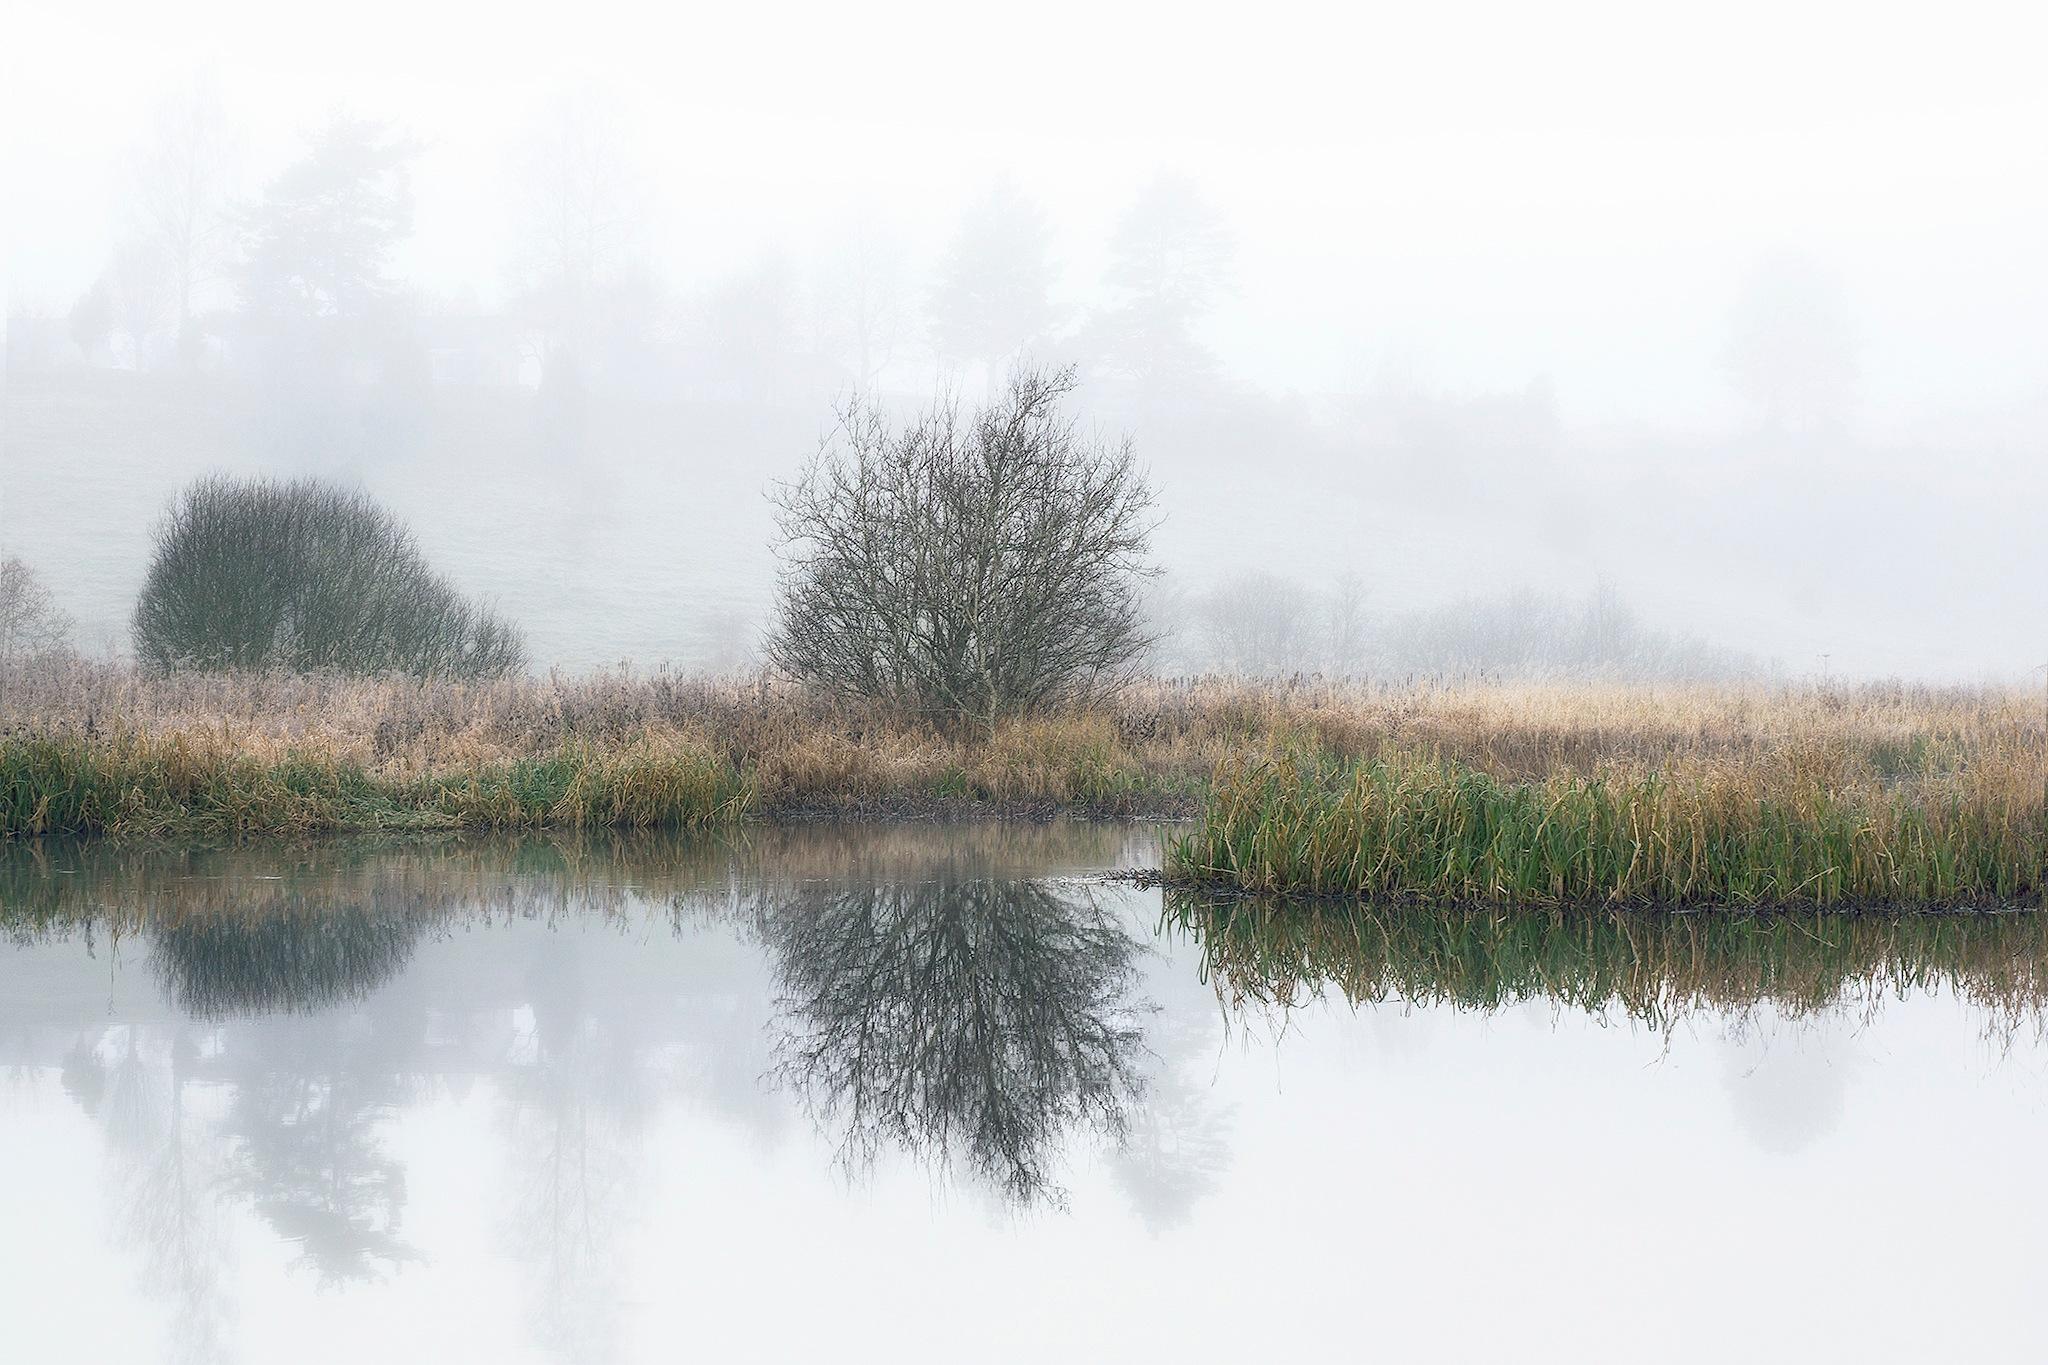 Silent grey morning by Lena Sanver